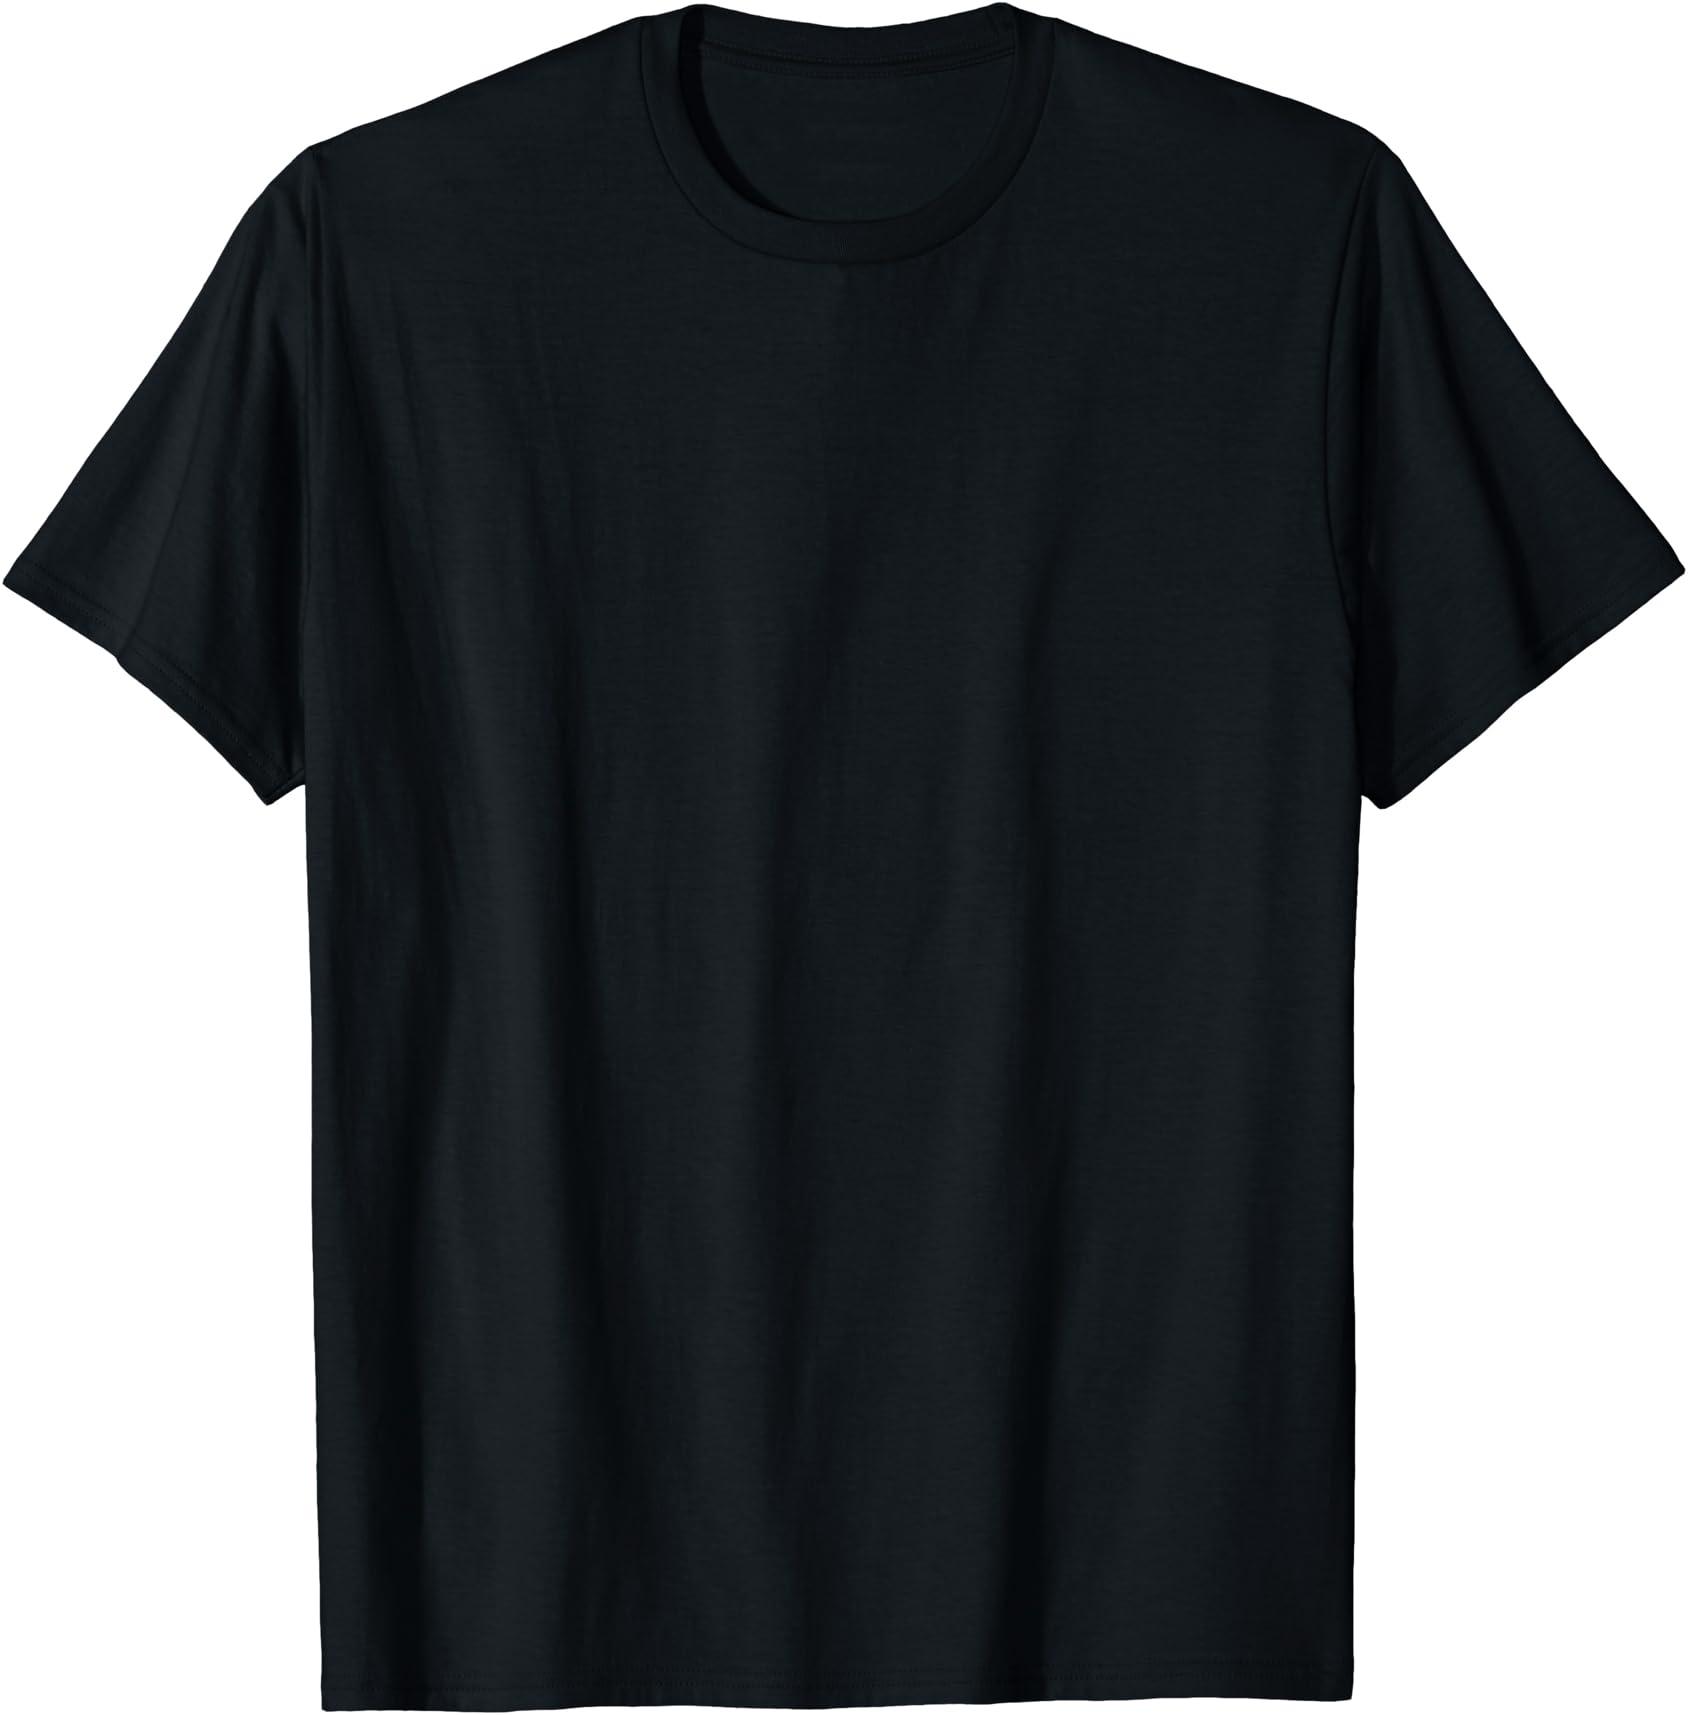 Kids Or Little Boys and Girls Gives You Lemons Make Lemonade Logo Unisex Childrens Short Sleeve T-Shirt